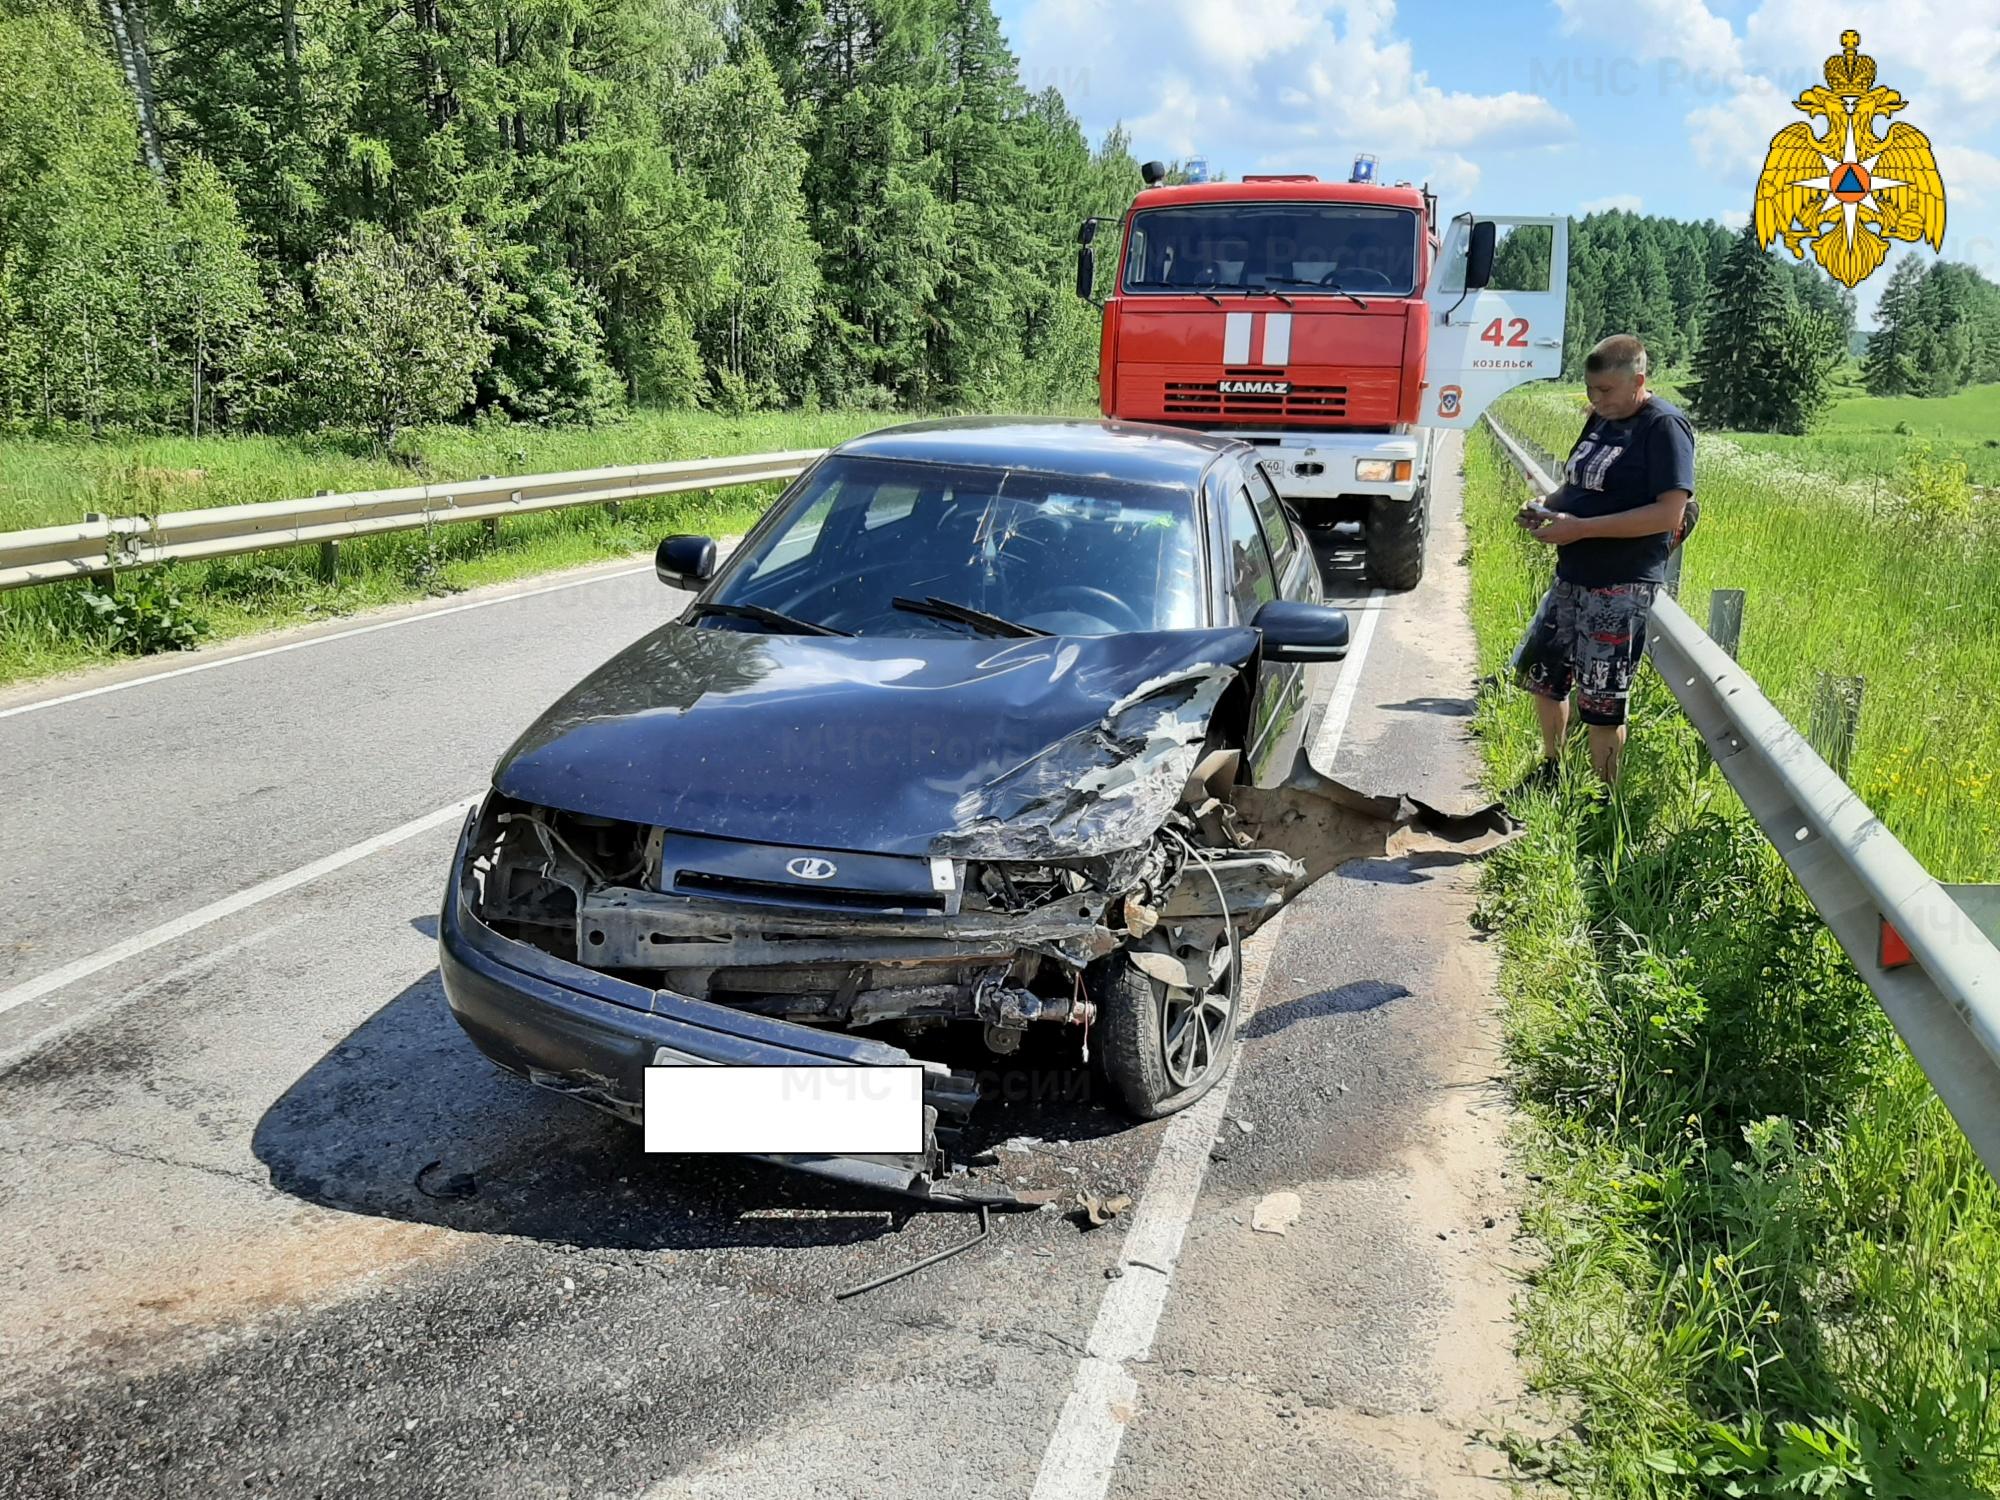 Спасатели МЧС принимали участие в ликвидации ДТП в Козельском районе, 8 км автодороги «Козельск-Кудринская»